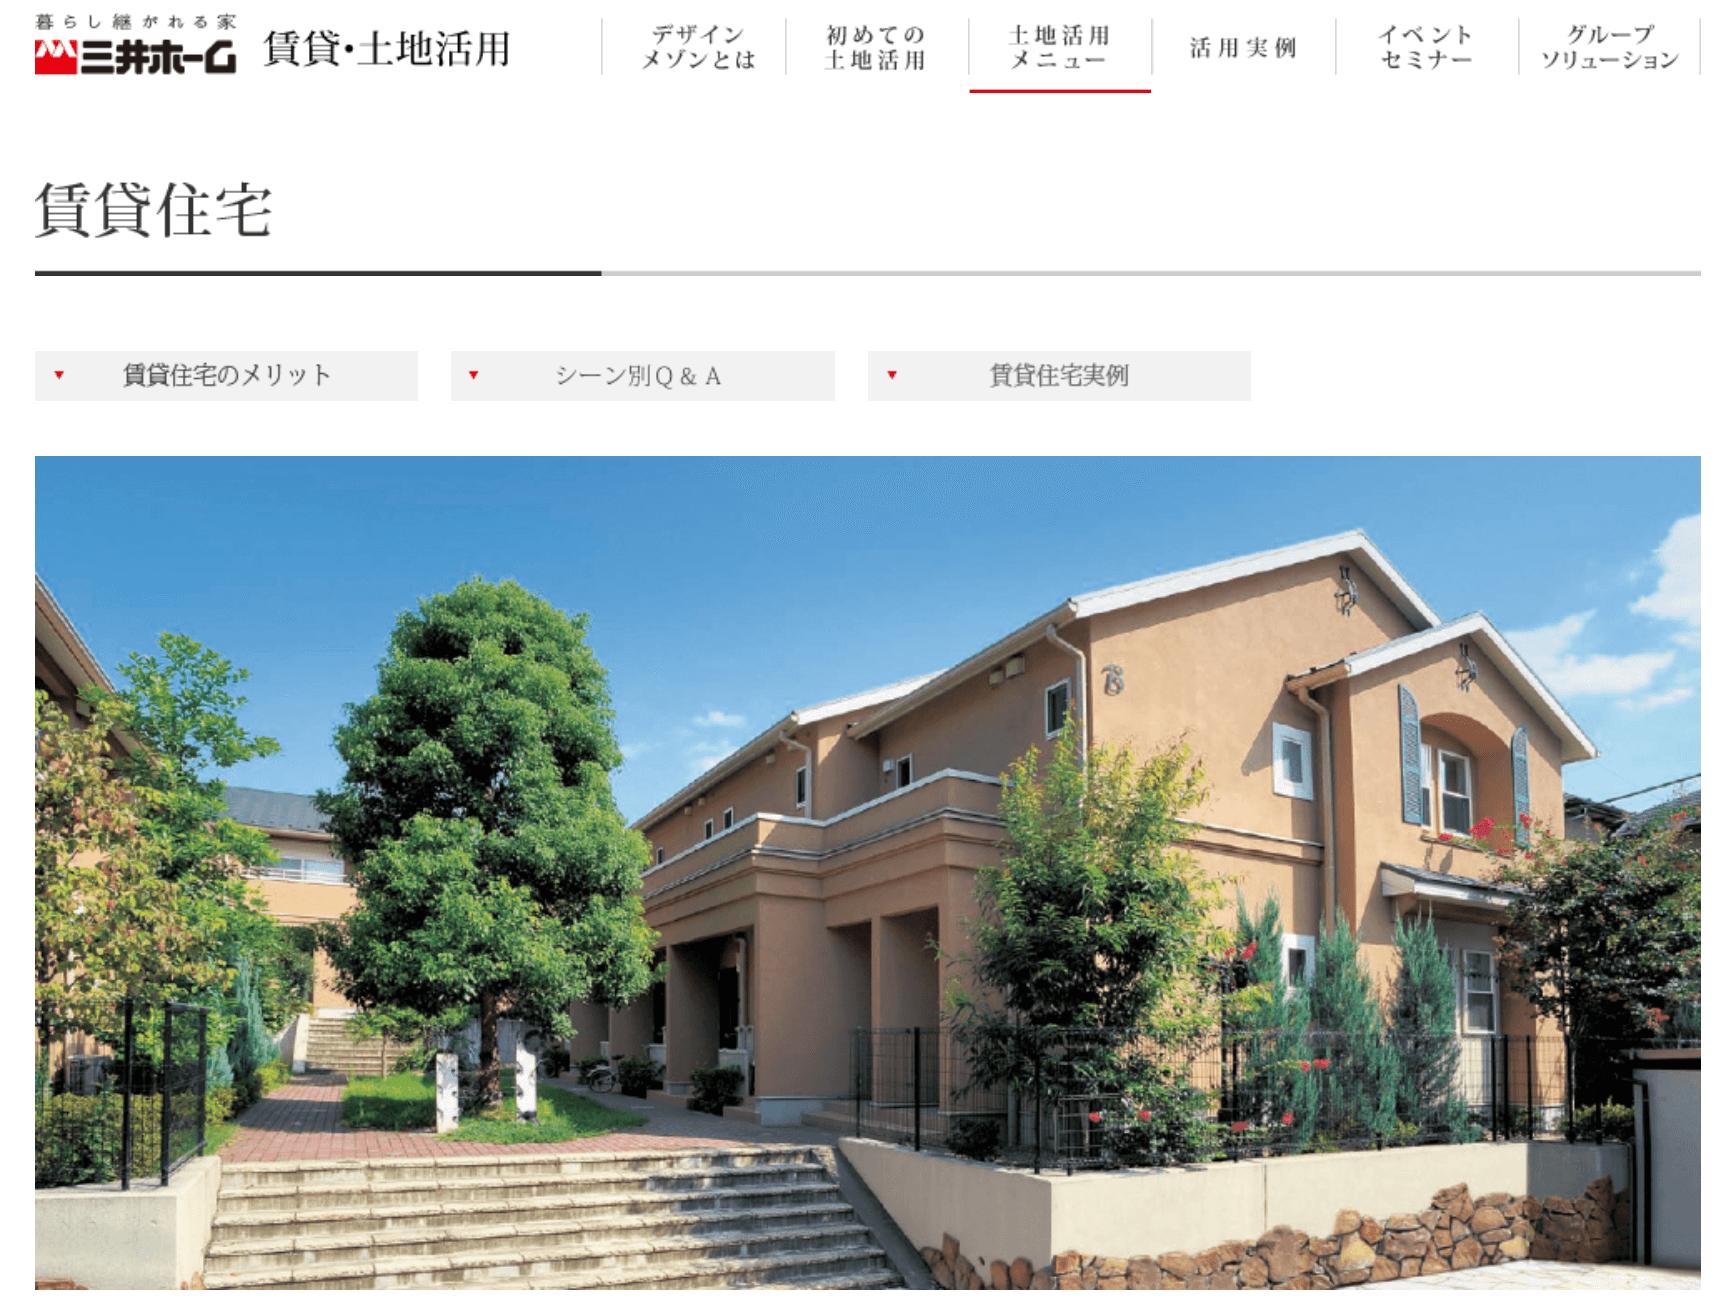 三井ホーム株式会社の公式ページ